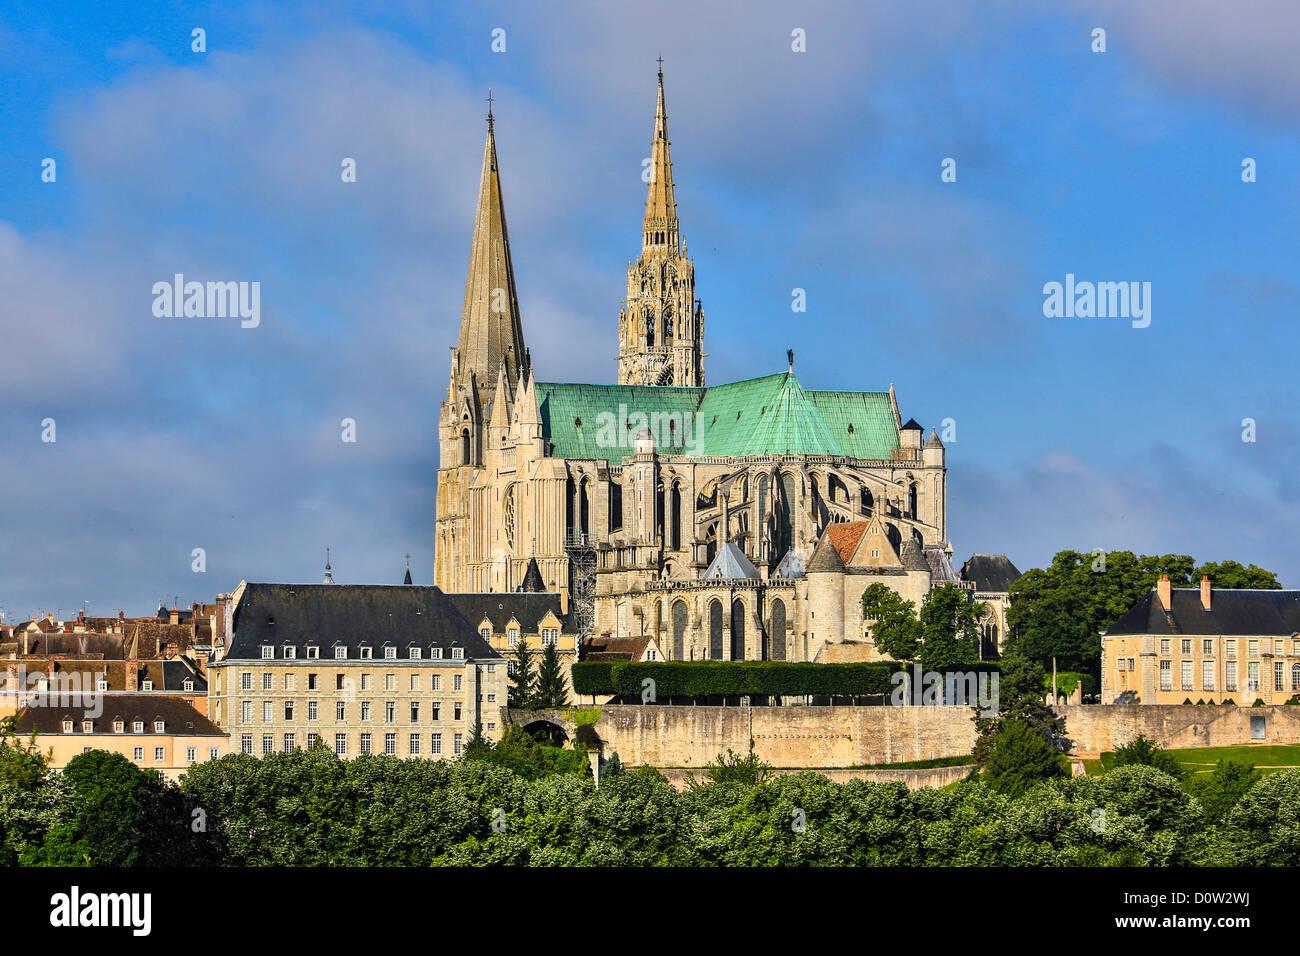 Francia, Europa, viaggi, Chartres, cattedrale, patrimonio mondiale, architettura, storia medievale, turismo, Unesco Immagini Stock